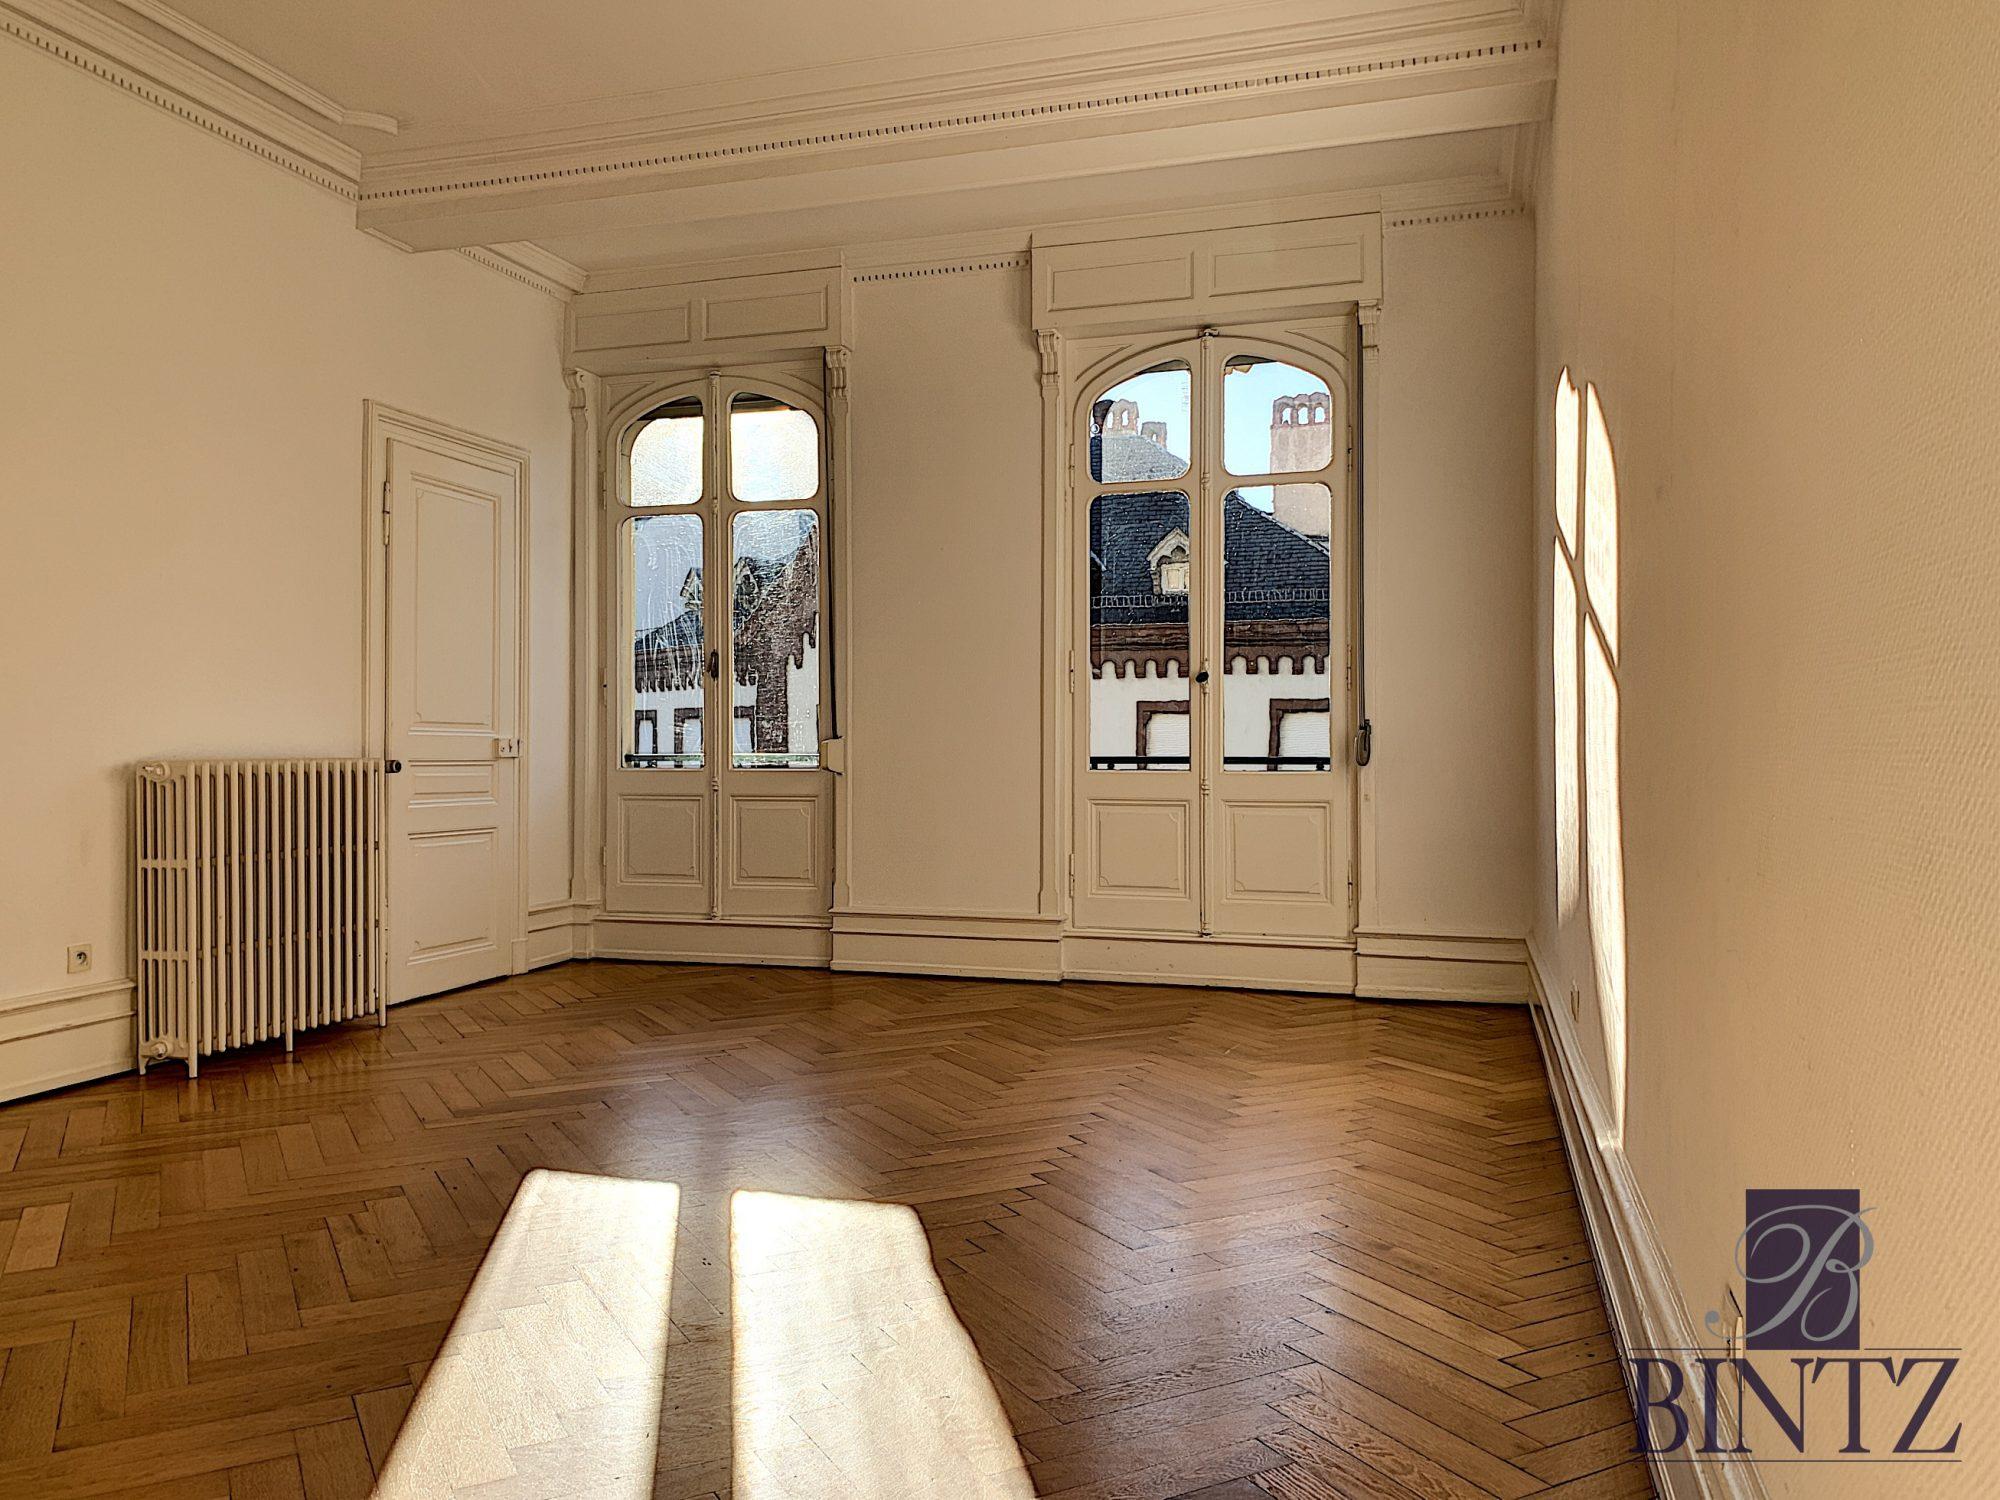 Exceptionnel 6pièces au Coeur de la NEUSTADT - Devenez locataire en toute sérénité - Bintz Immobilier - 16